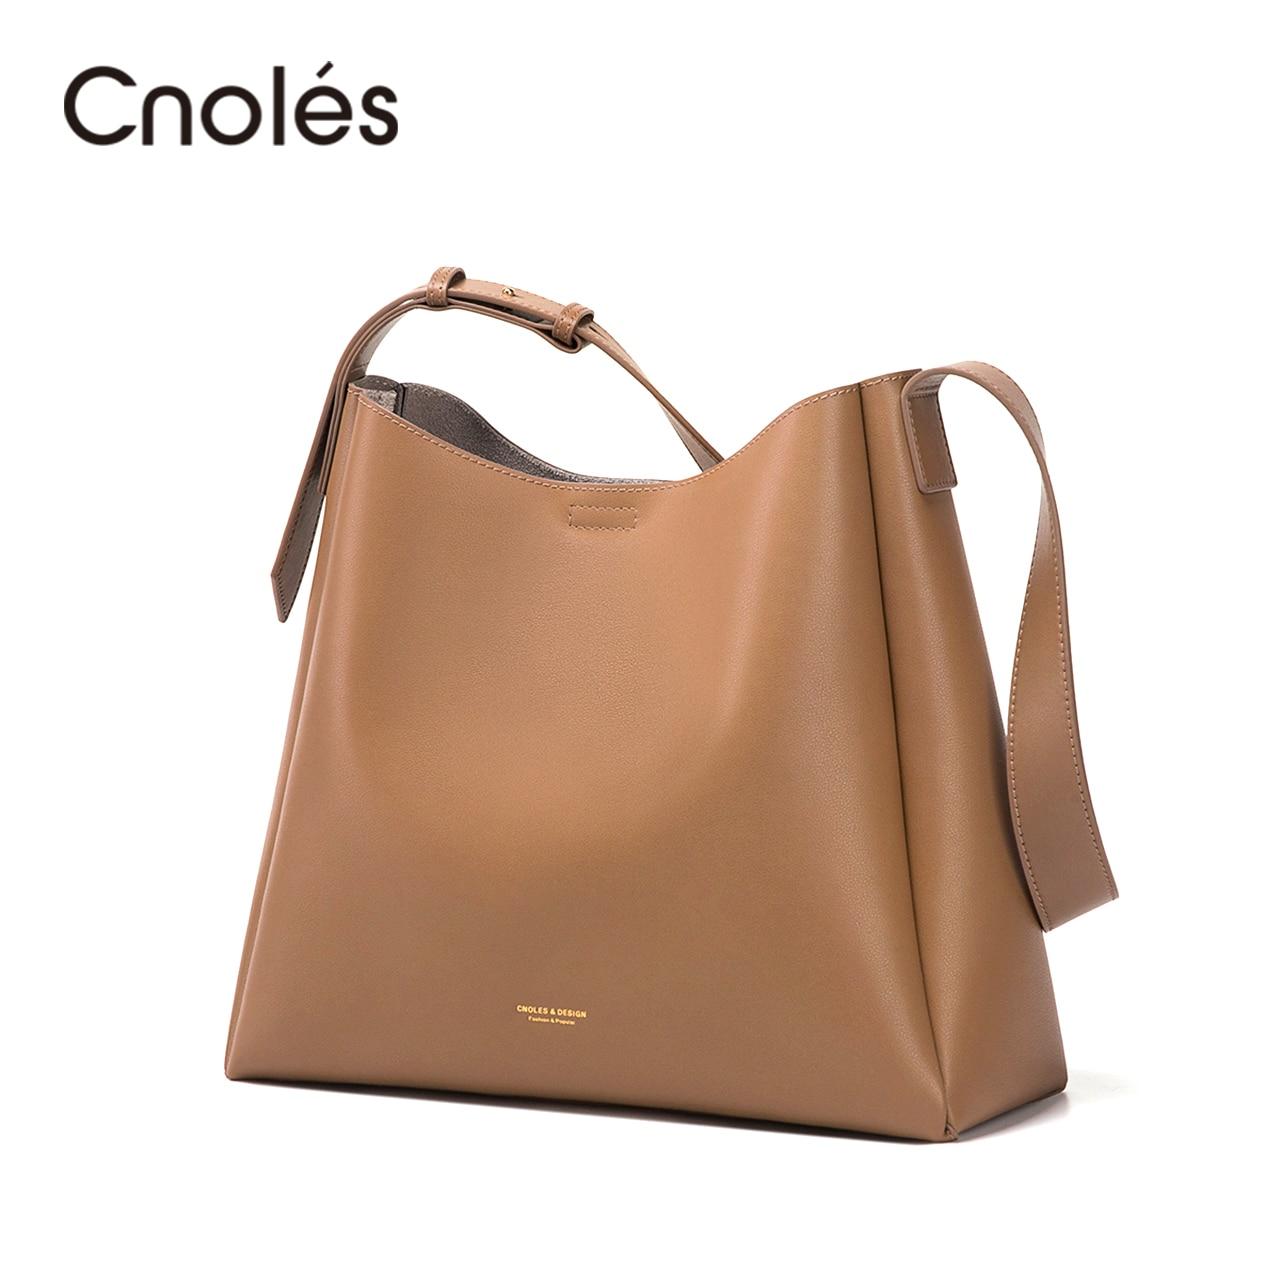 Cnoles جلد طبيعي حقيبة حمل عادية خمر حقائب النساء حقيبة يد فاخرة للنساء حقيبة كتف المرأة الكبيرة حقيبة المتسوق